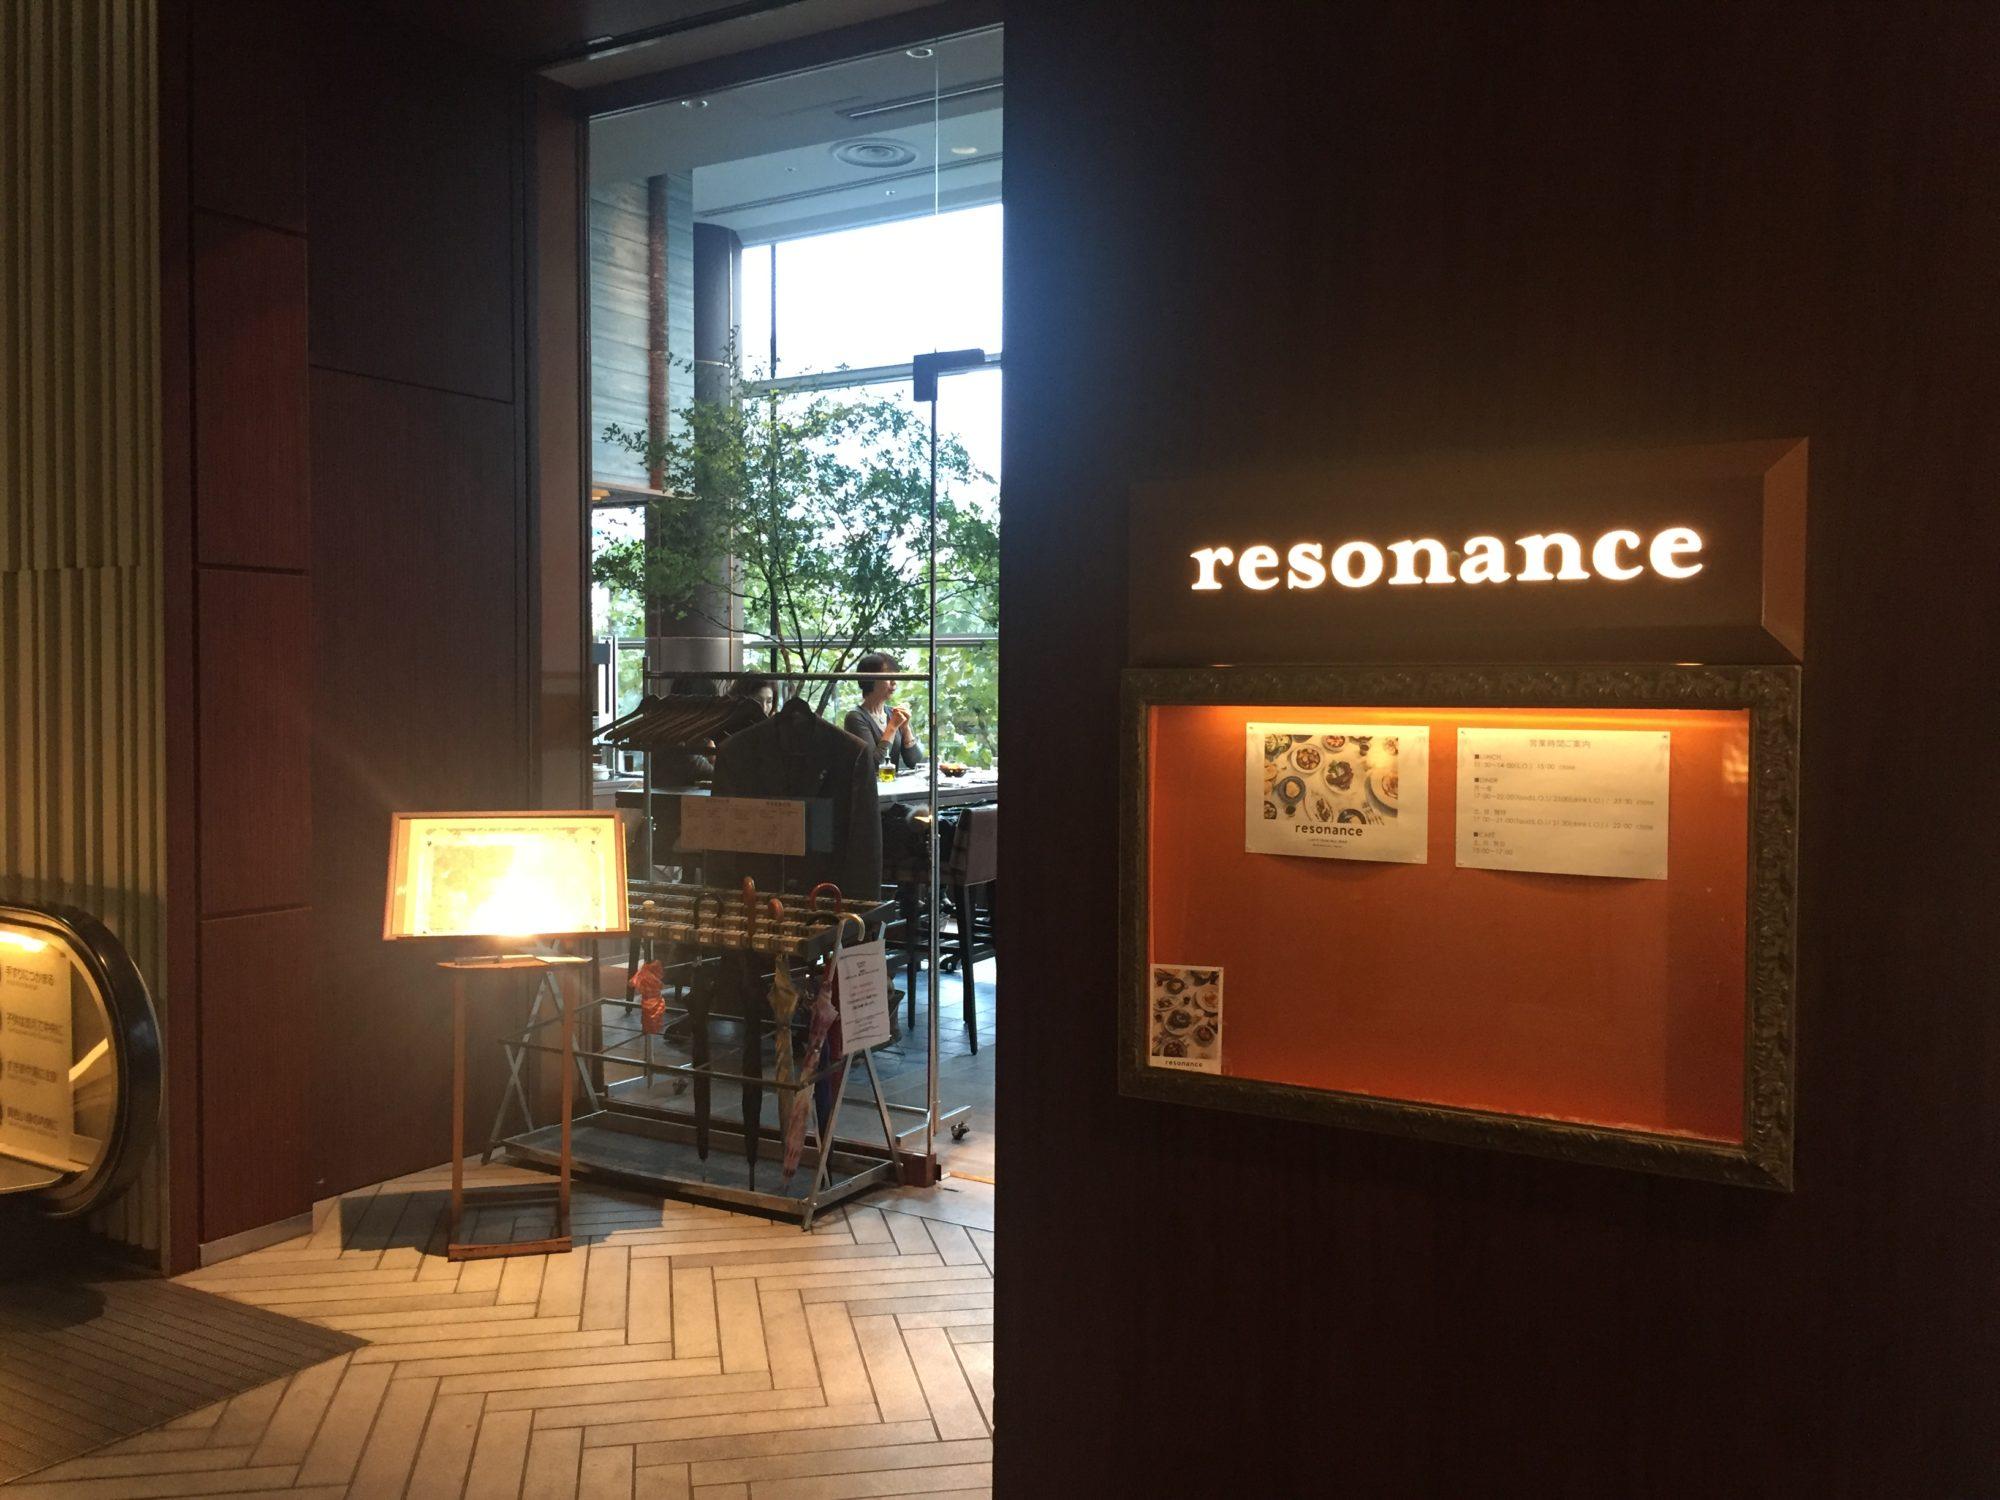 東京駅でおしゃれ大人ランチ〜レゾナンスでランチと近くでカフェ〜